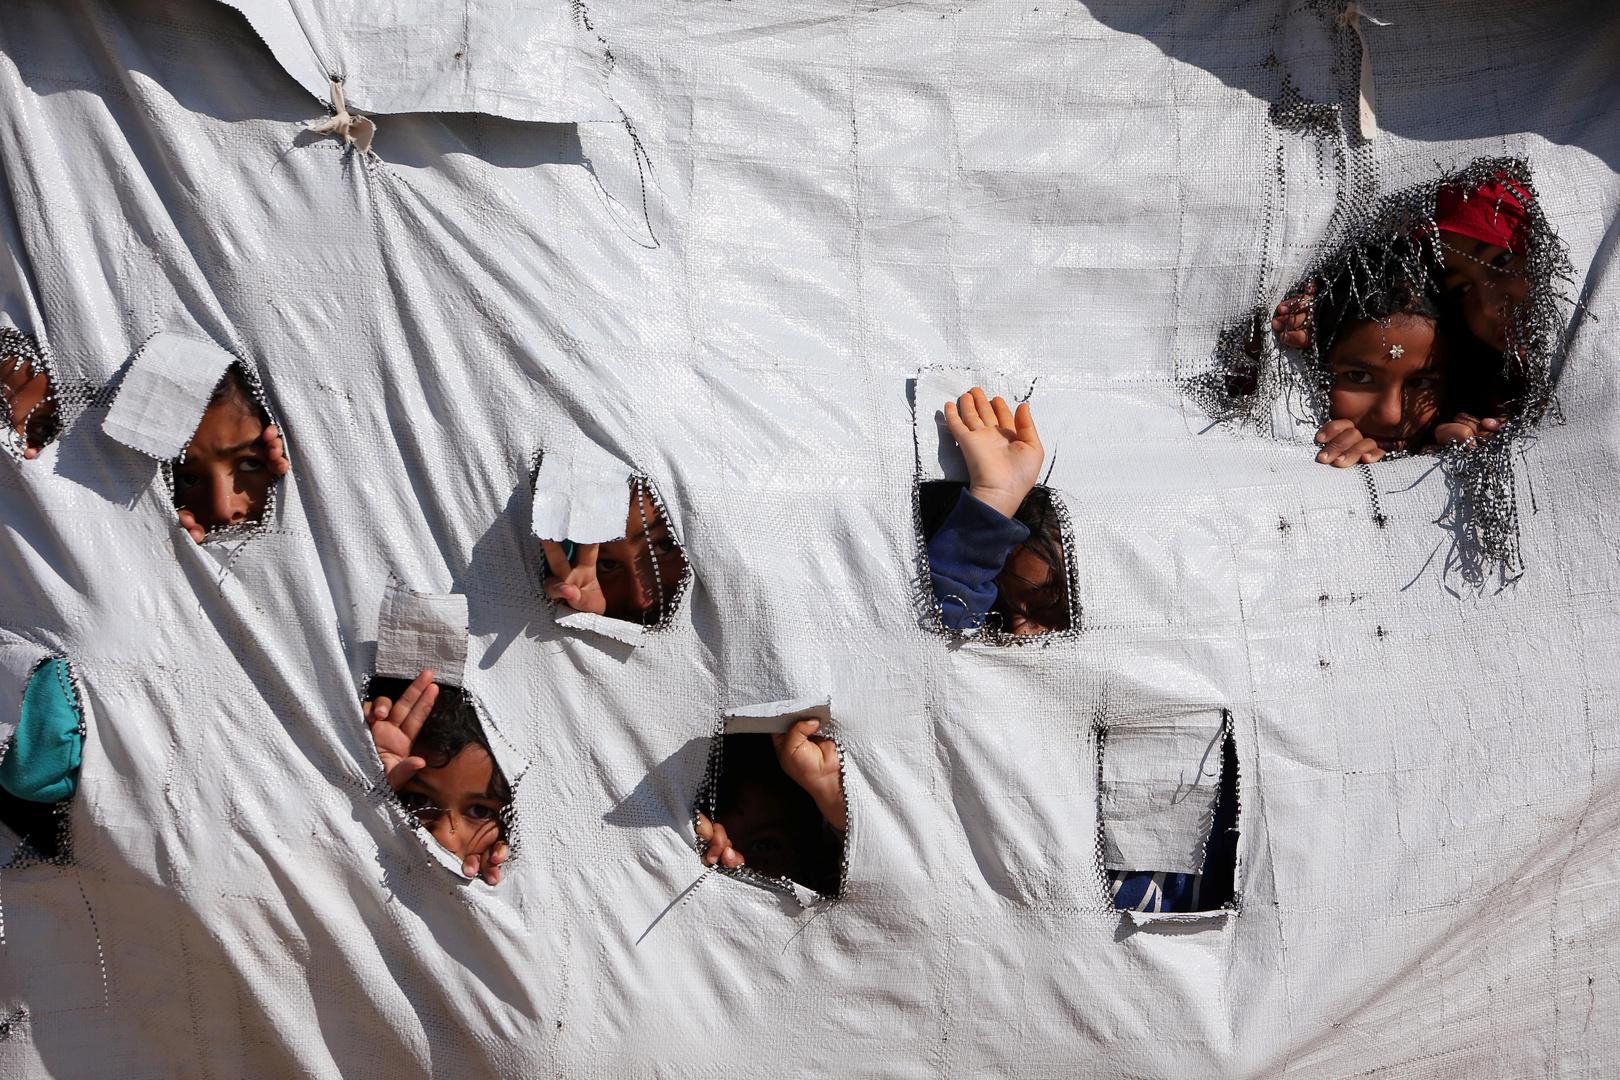 روسيا تدعو لإنقاذ أطفال مخيم الهول في سوريا